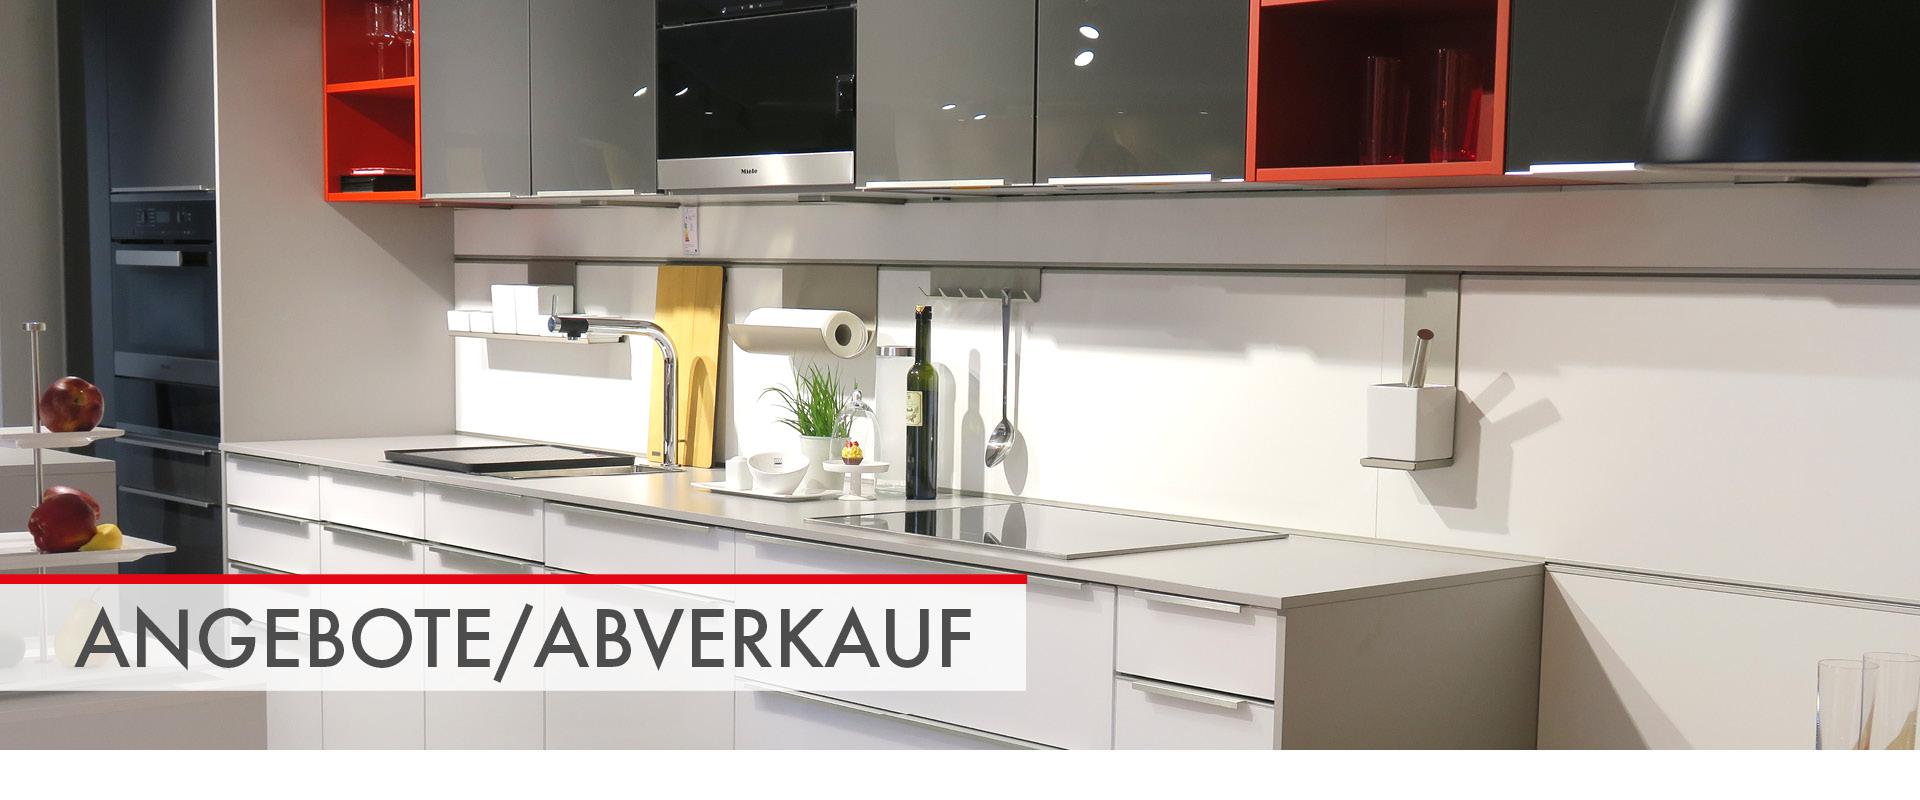 Full Size of Inselküche Abverkauf Angebote Kchen Mbel Zum Verlieben Bad Küche Inselküche Abverkauf